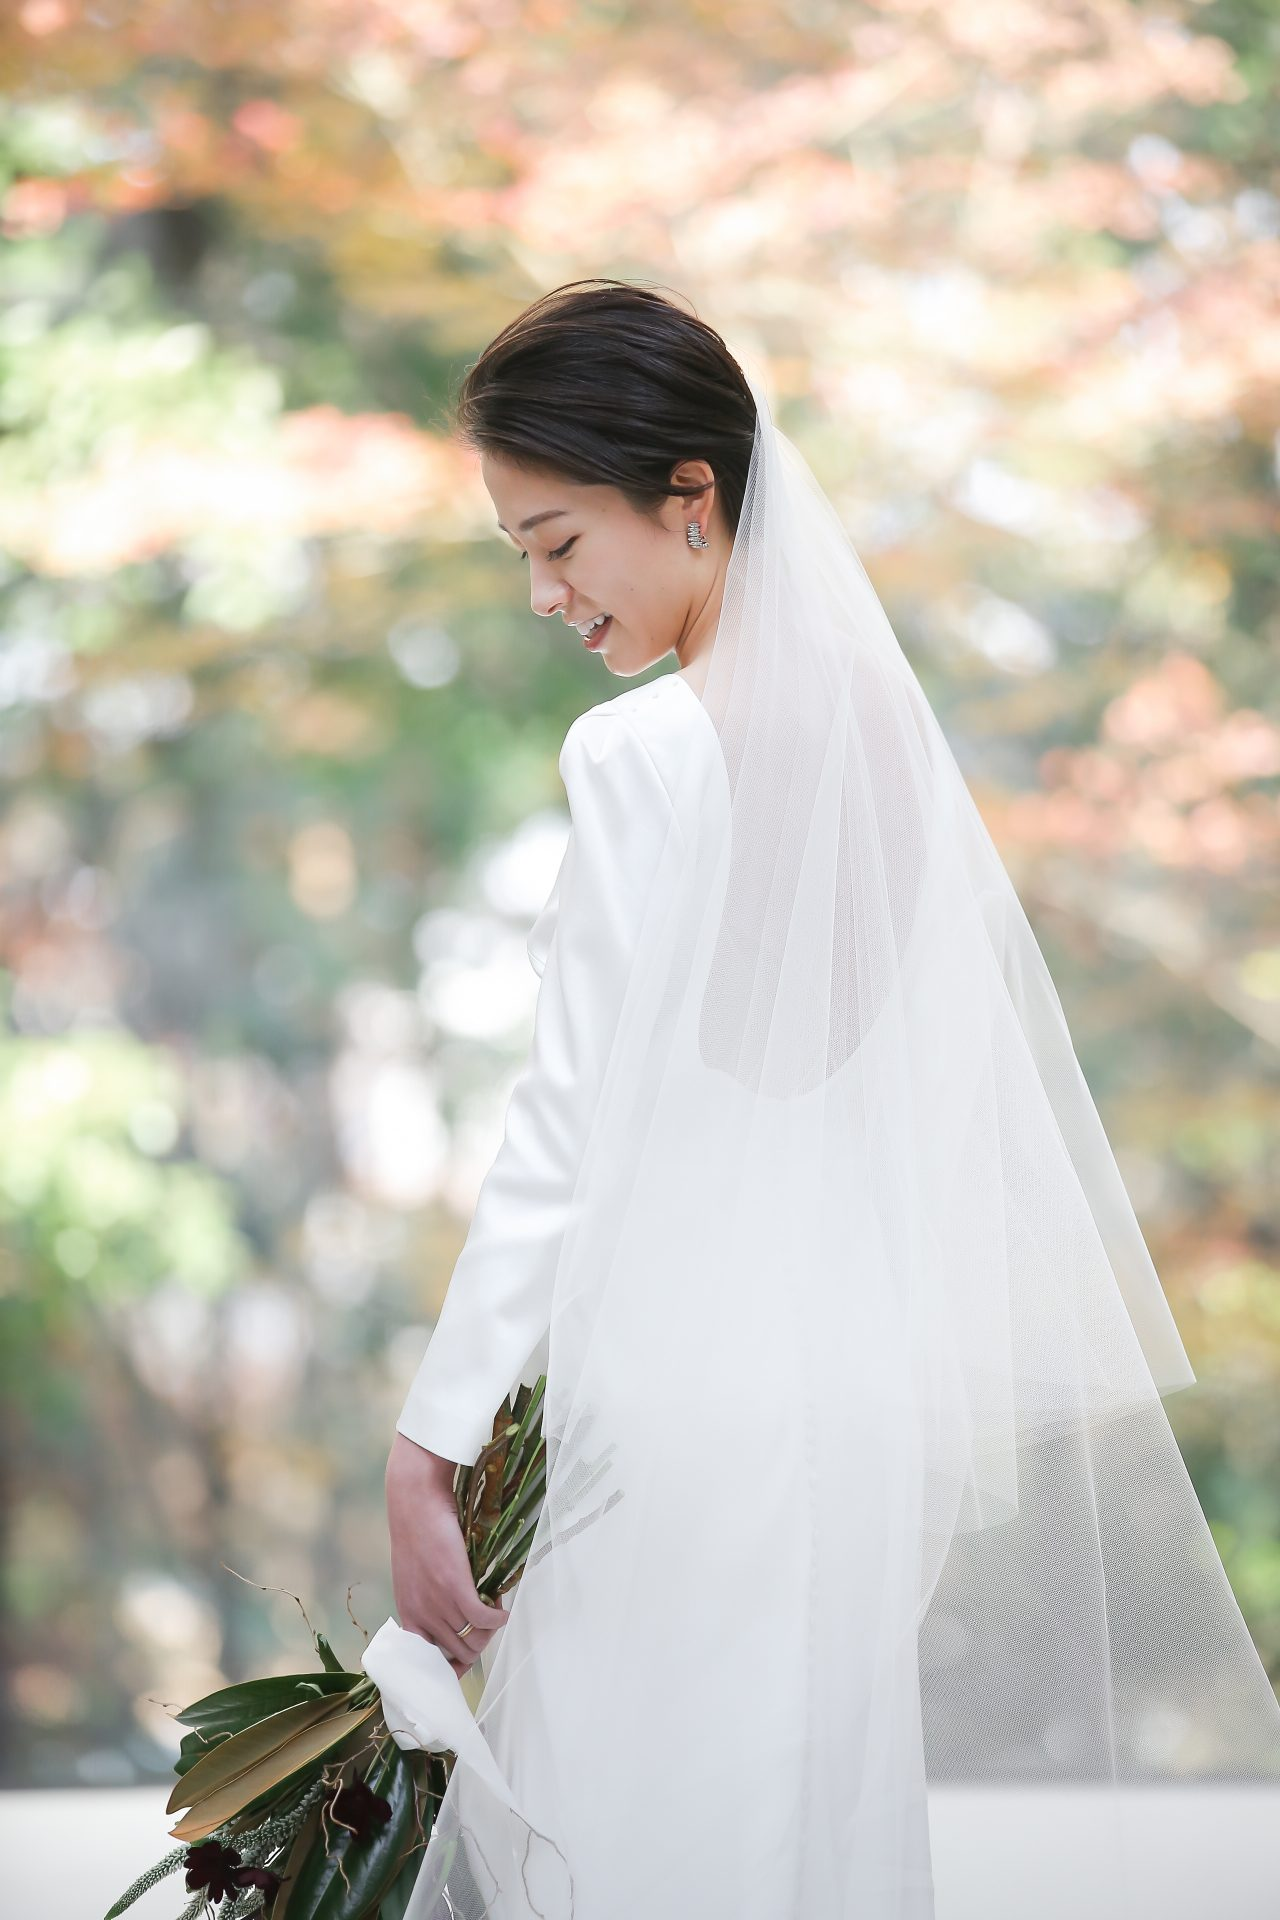 THE TREAT DRESSINGがザ・ナンザンハウスでお式をされるご新婦様におすすめのサヴァンナミラーのロンウスリーブのドレス